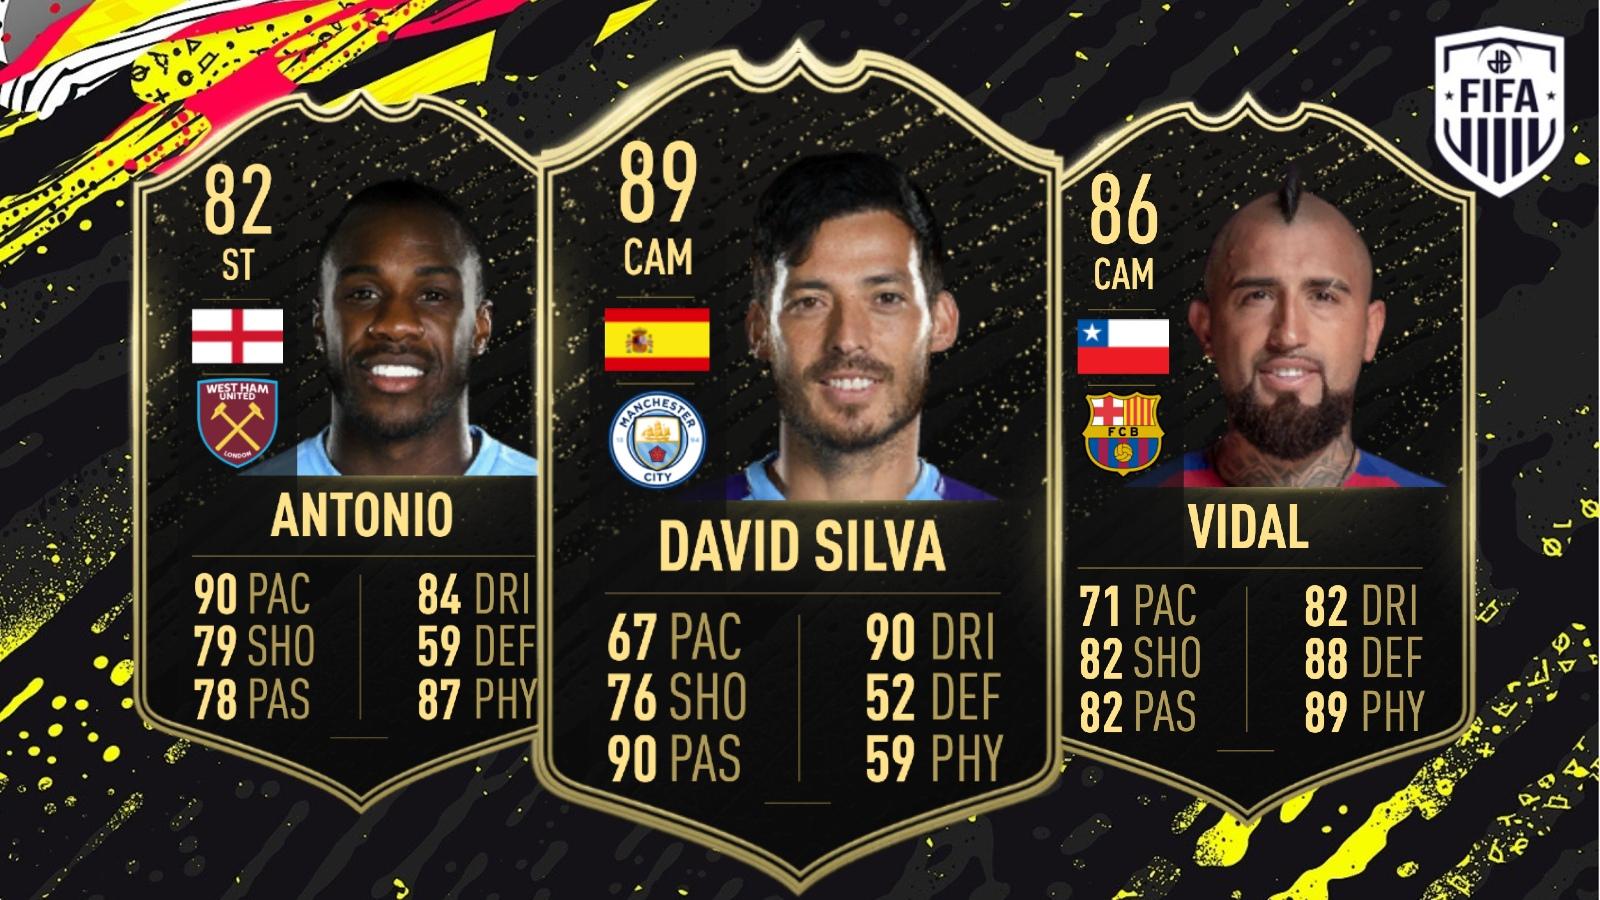 TOTW 30 Silva Antonio Vidal